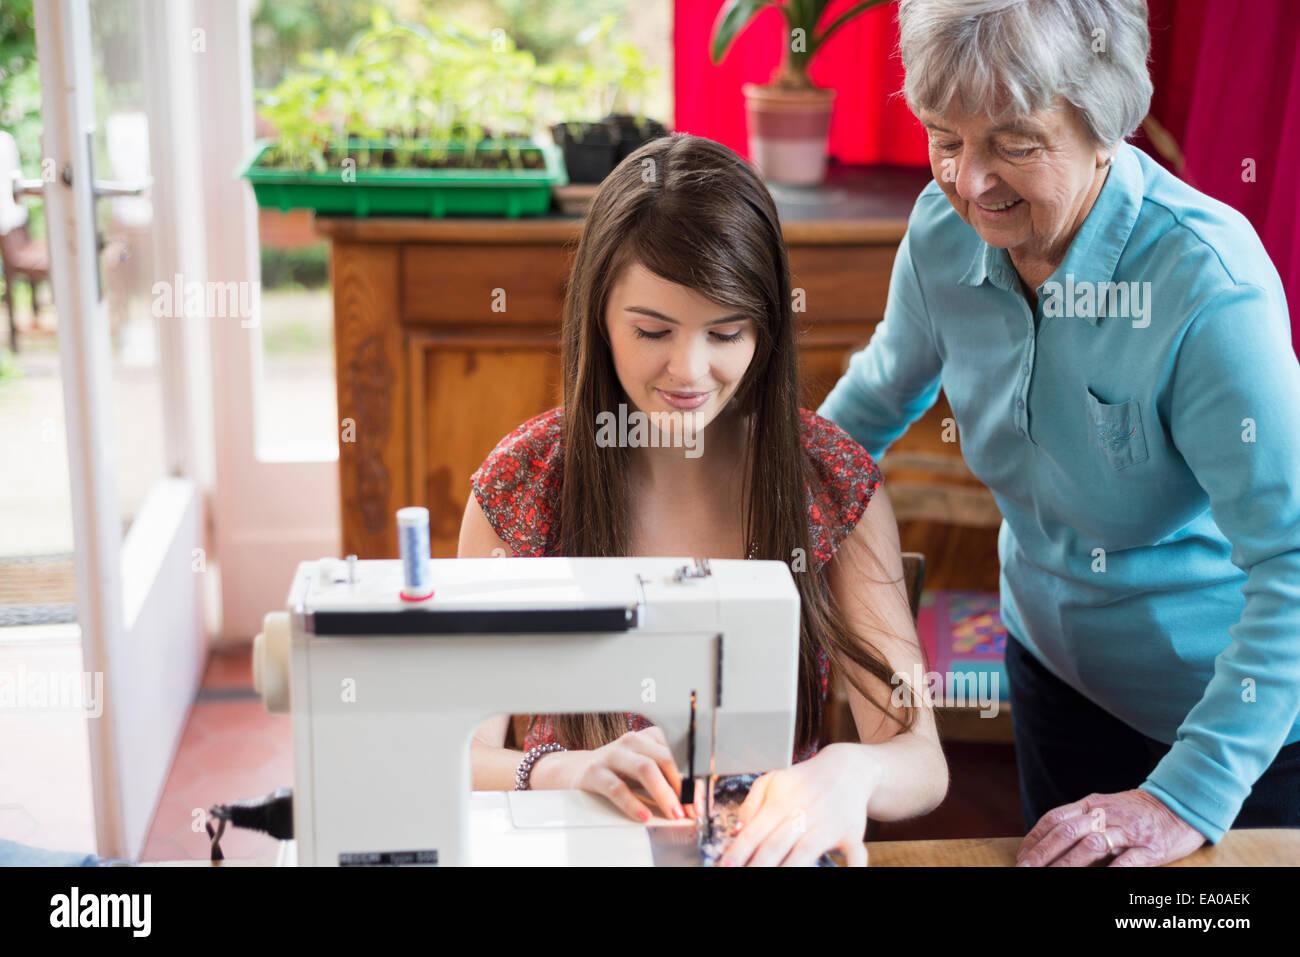 Senior woman watching granddaughter use sewing machine - Stock Image